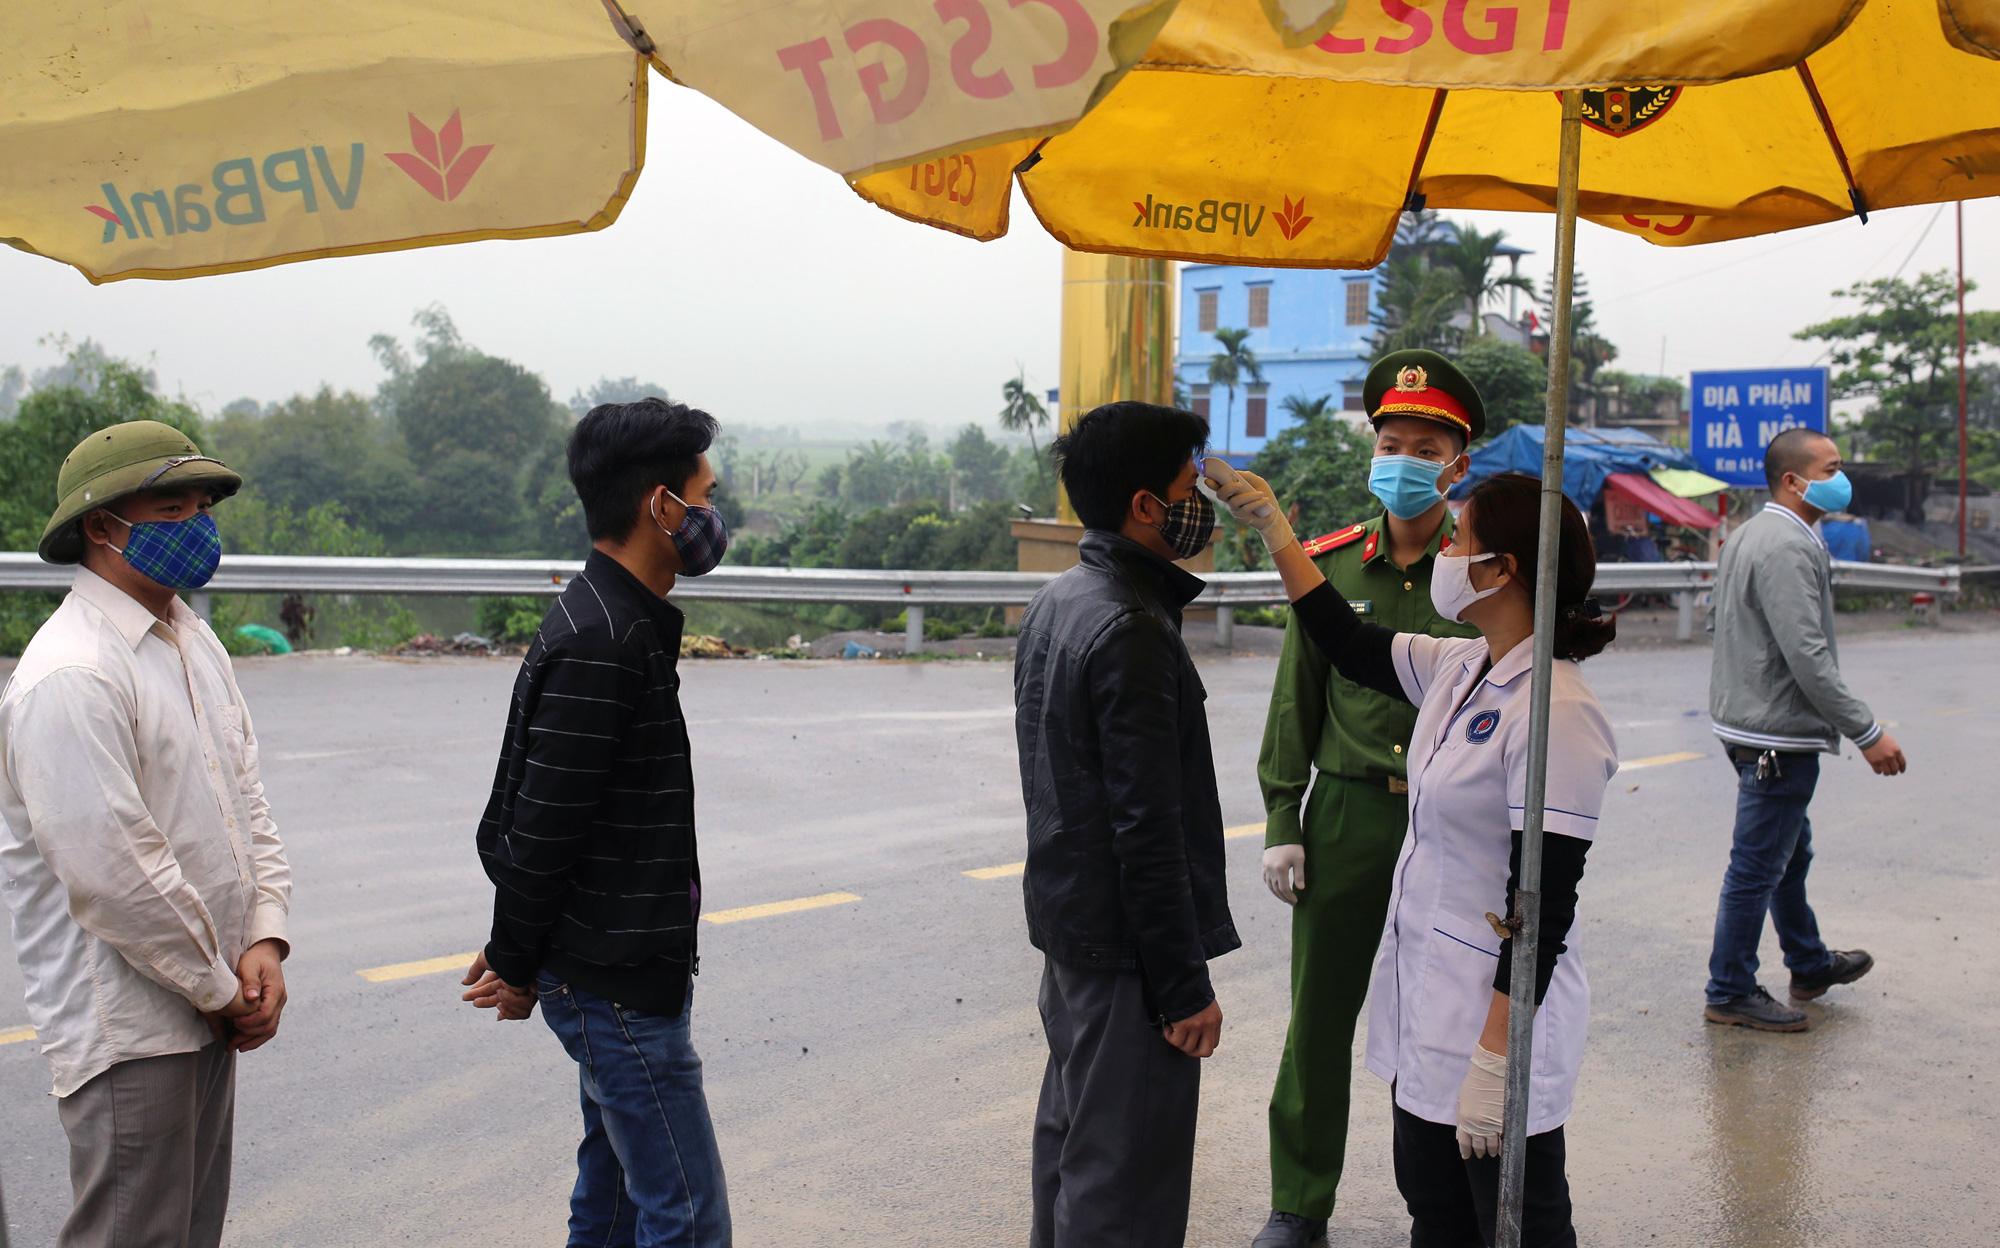 Chốt kiểm soát, giám sát cách li xã hội ở cửa ngõ Thủ đô Hà Nội hoạt động thế nào? - Ảnh 3.